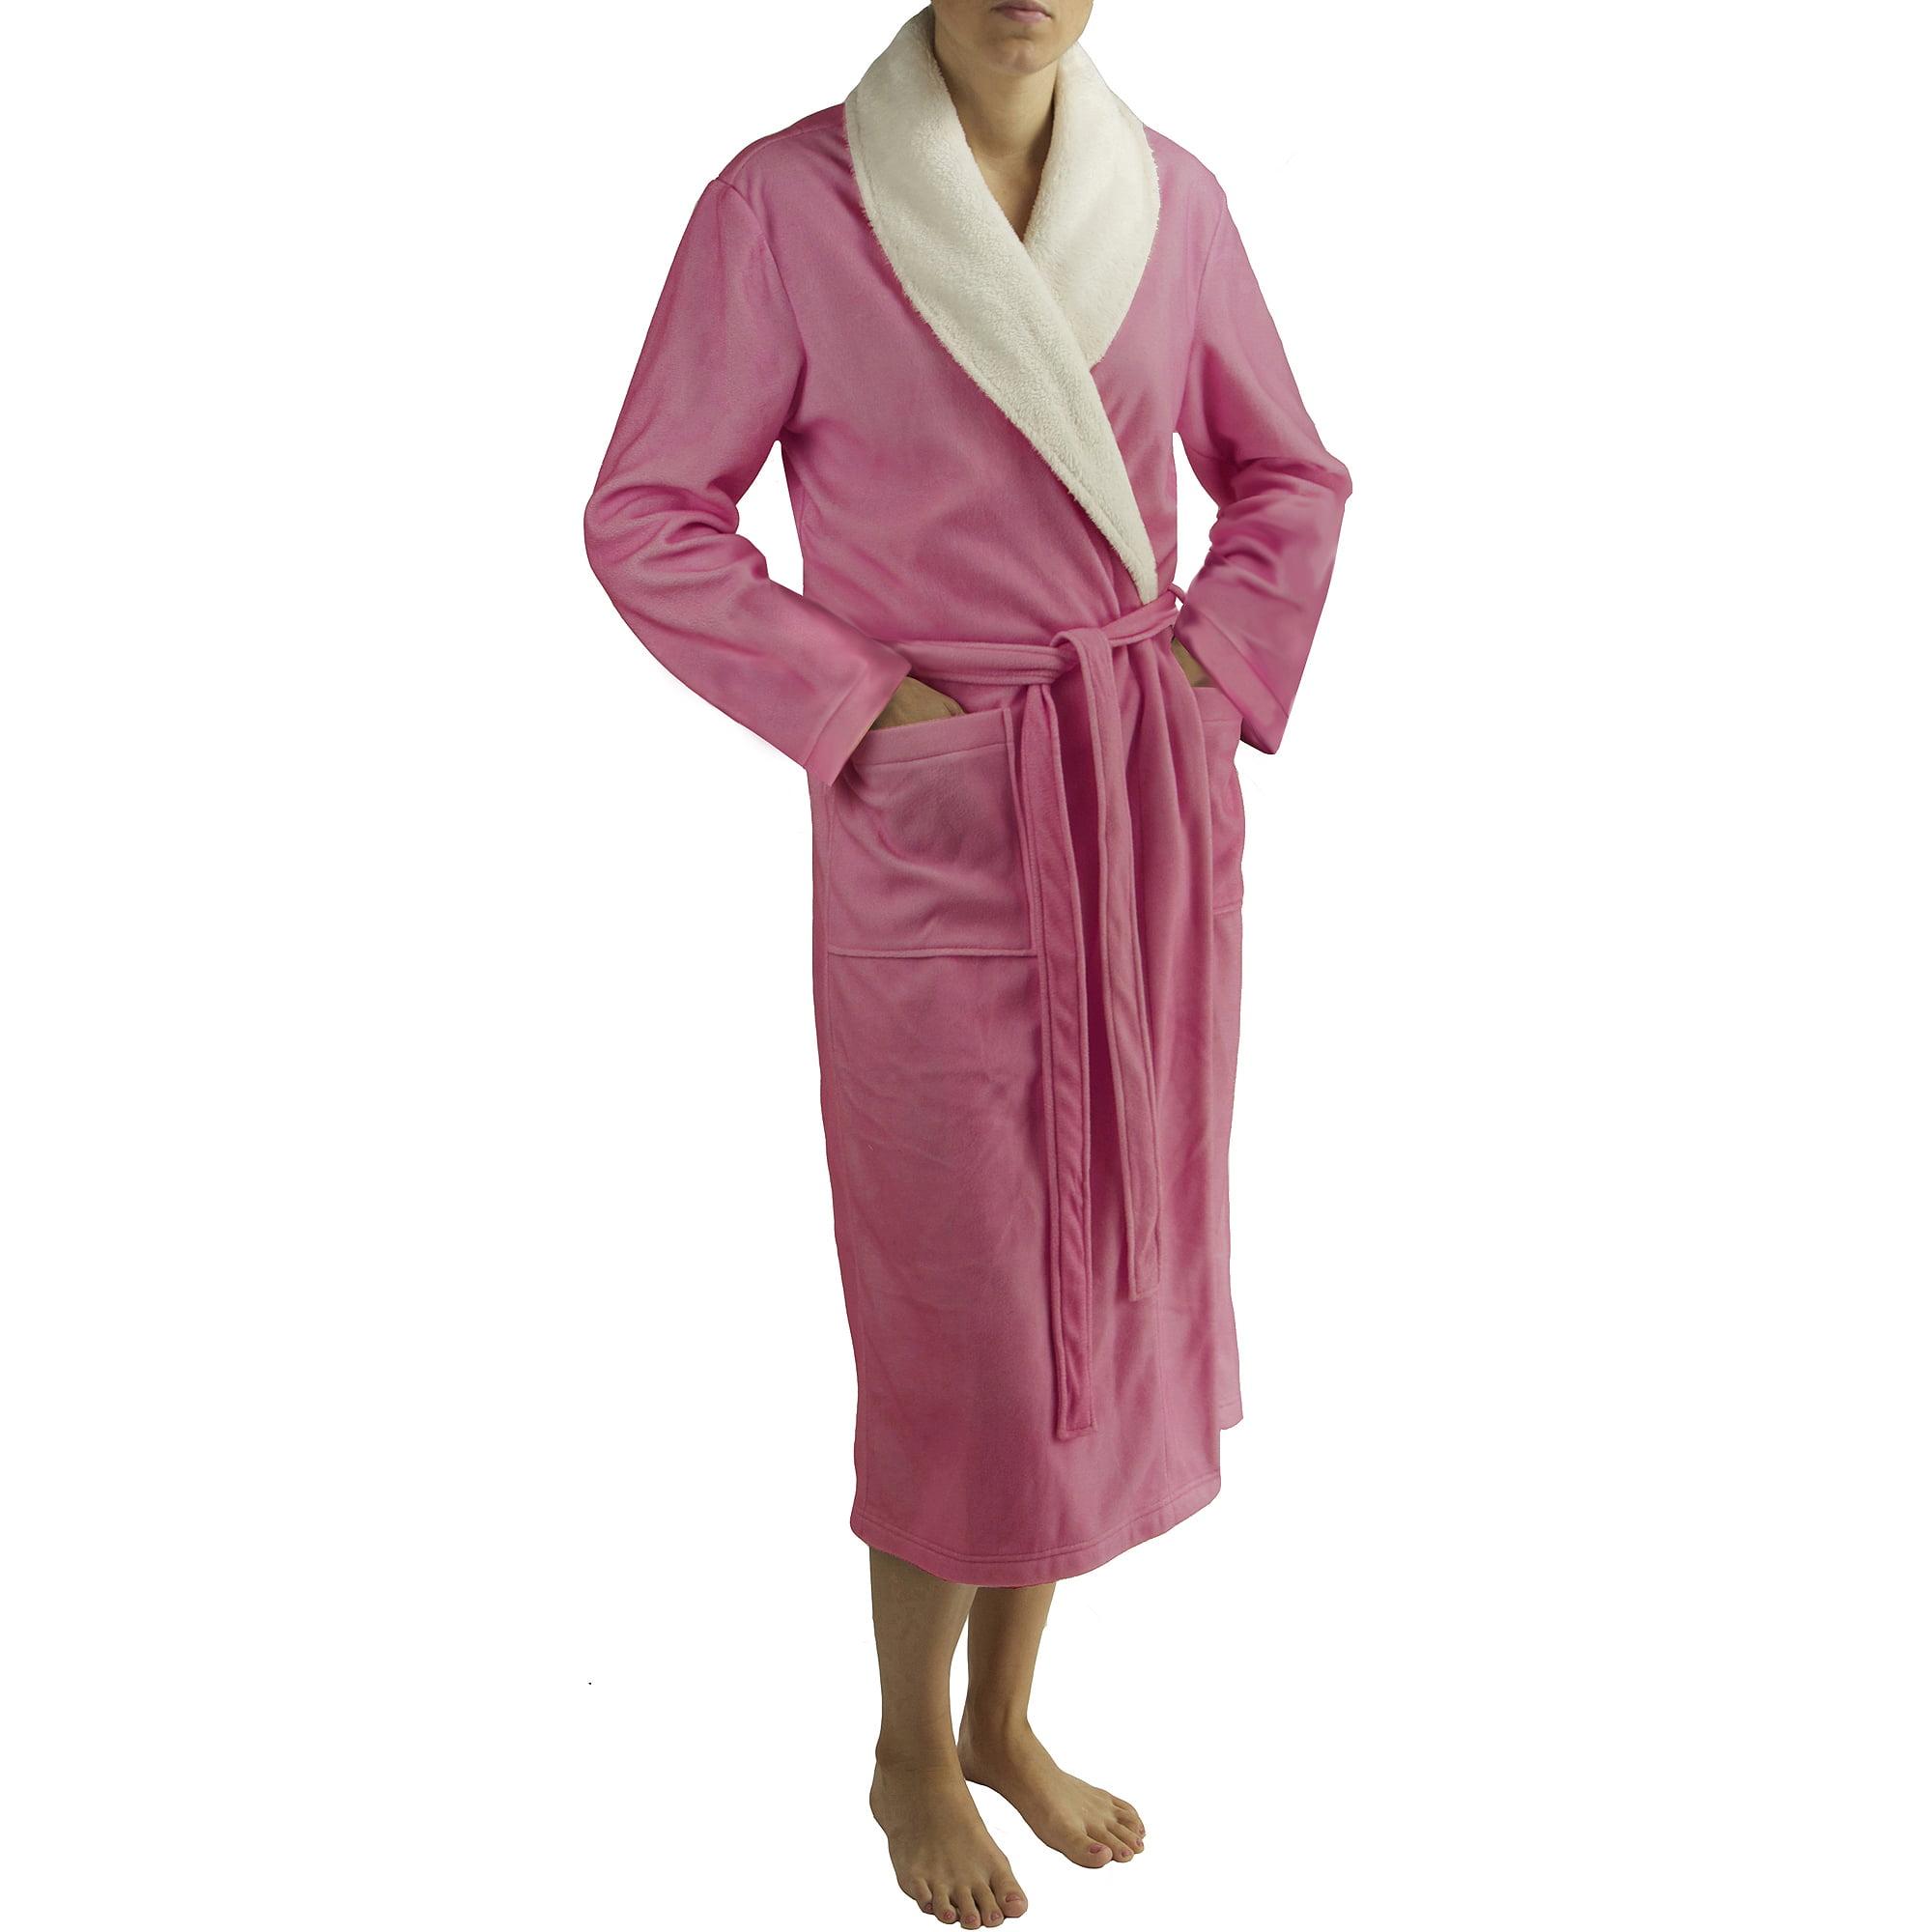 DF by Dearfoams - Women's Plus Plush Fleece Robe